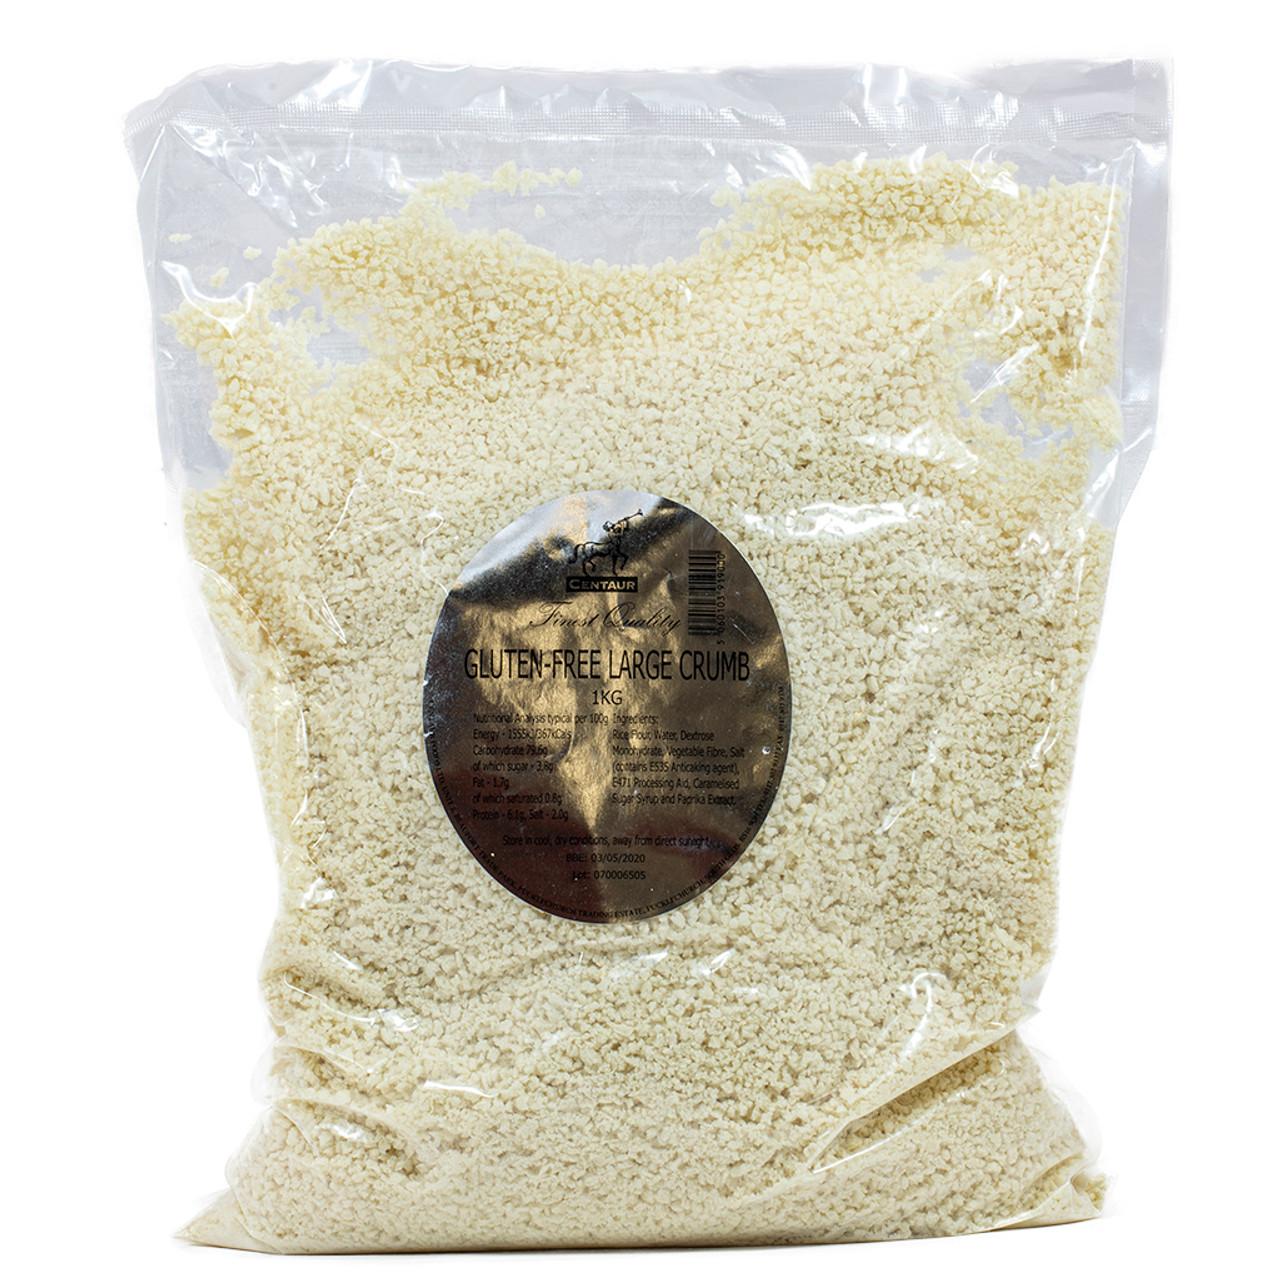 Gluten Free Large Crumb 1kg (panko)